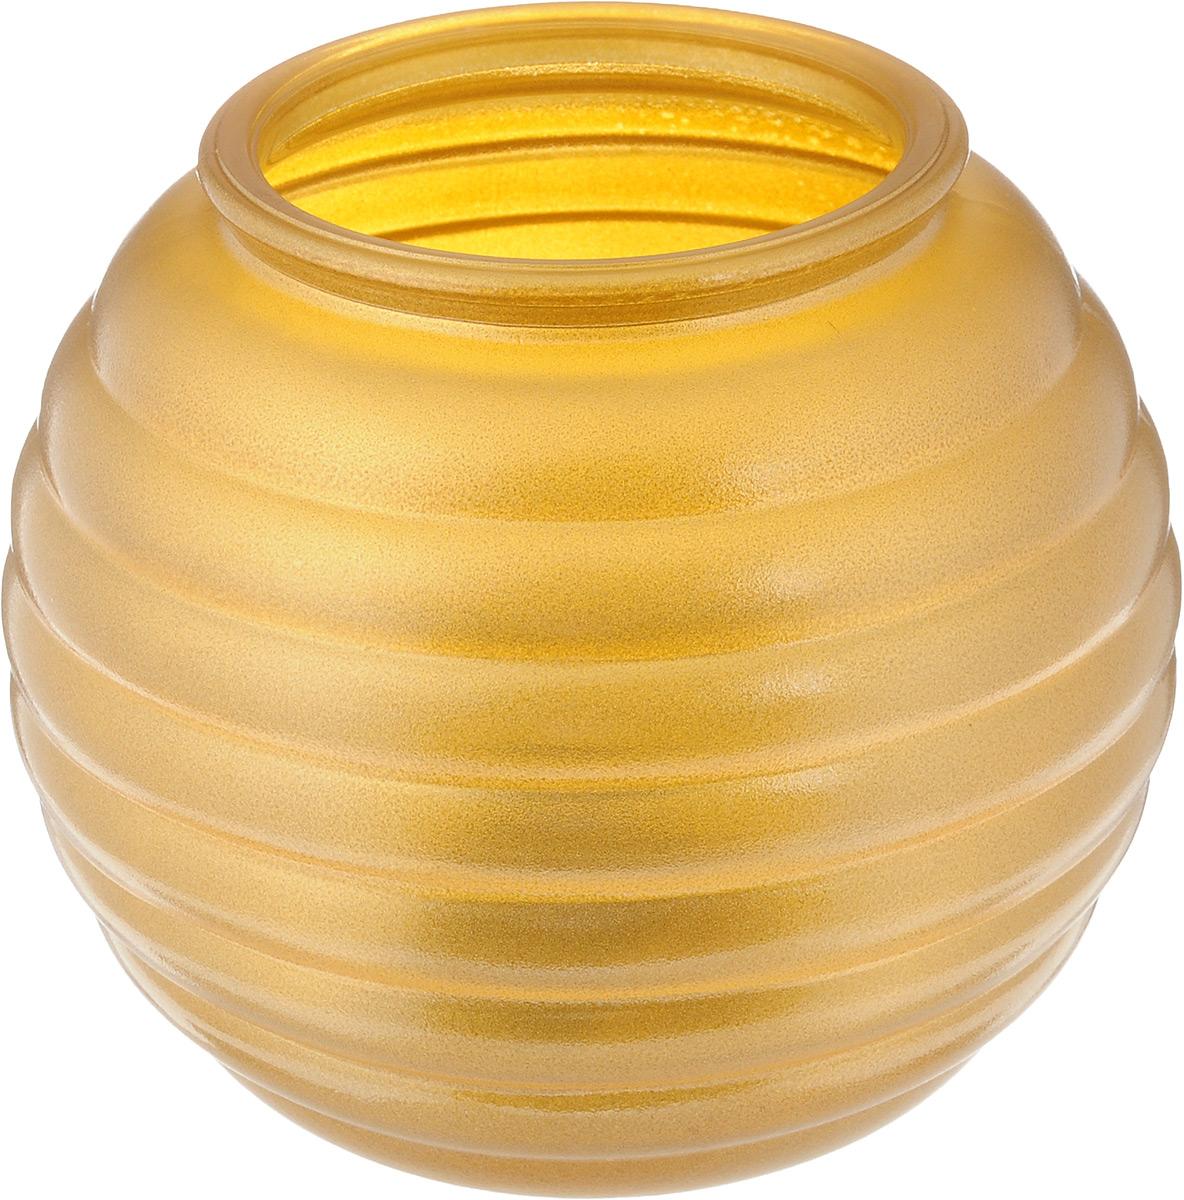 Ваза NiNaGlass Зара, цвет: золотистый, высота 13,3 см94672Ваза NiNaGlass Зара выполнена из высококачественного стекла и оформлена изящным рельефом. Такая ваза станет ярким украшением интерьера и прекрасным подарком к любому случаю.Высота вазы: 13,3 см.Диаметр вазы (по верхнему краю): 8 см.